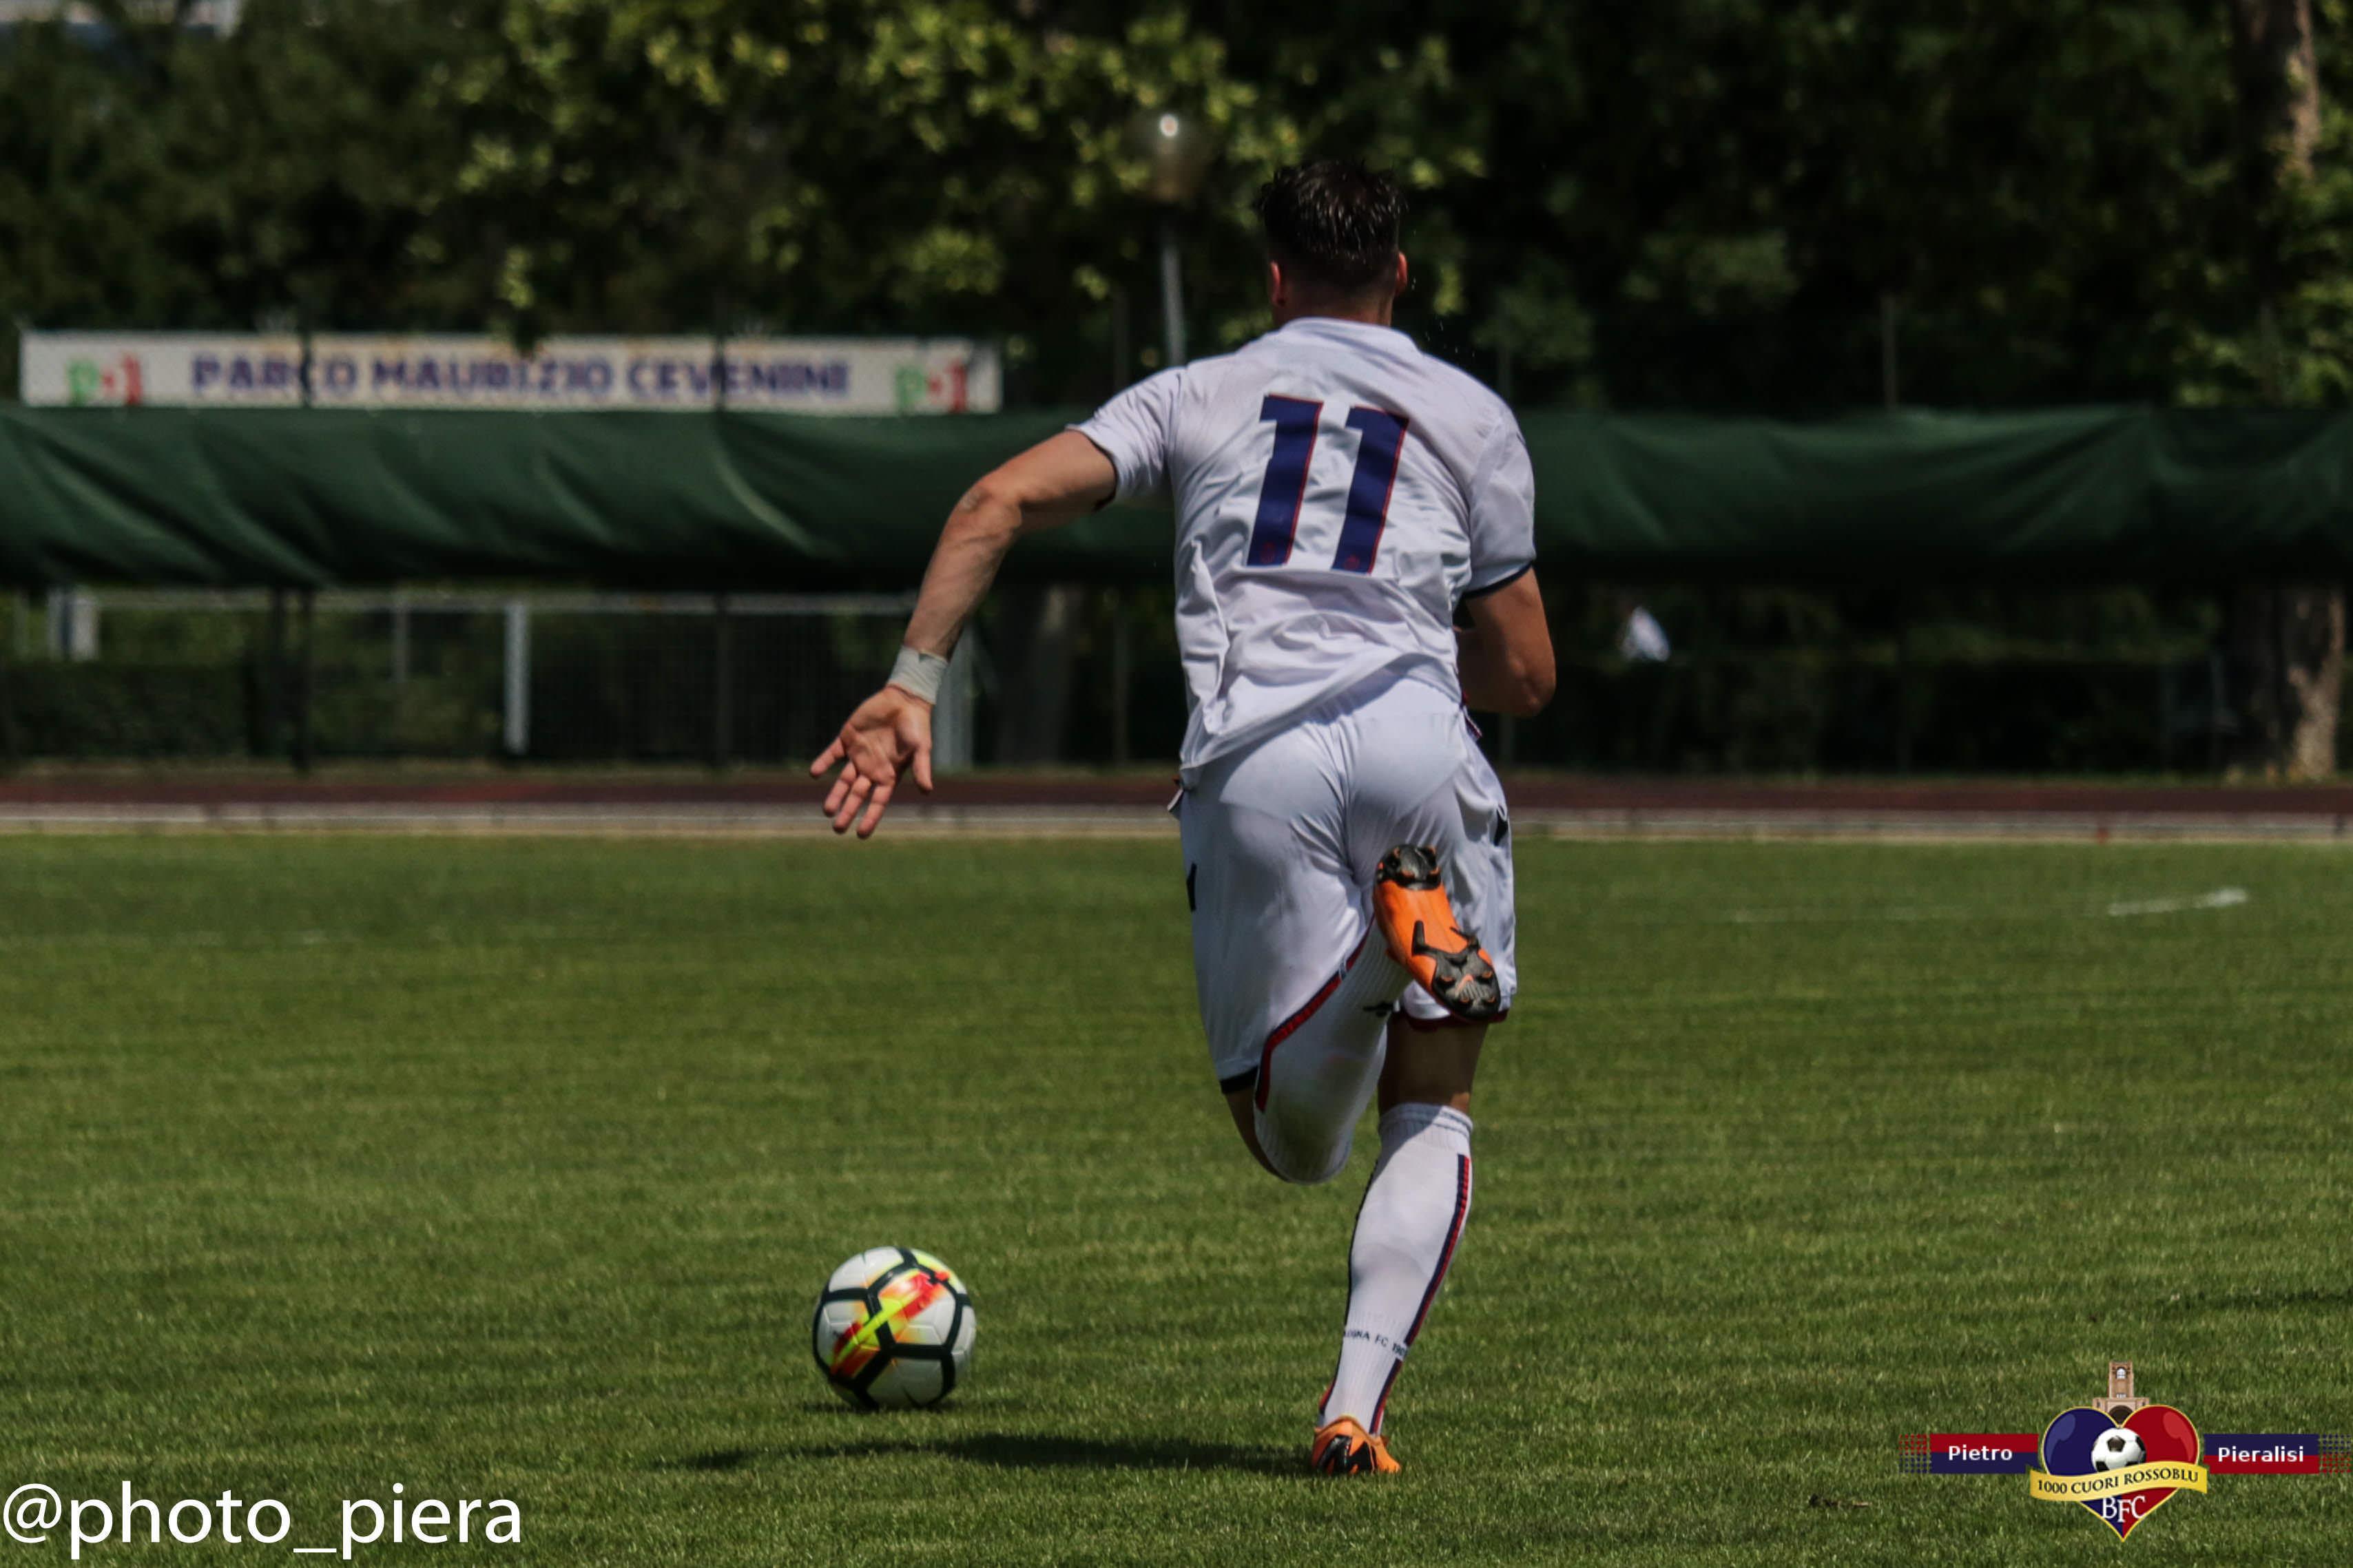 Primavera, Bologna - Inter: Le Foto del Match - 20 mag